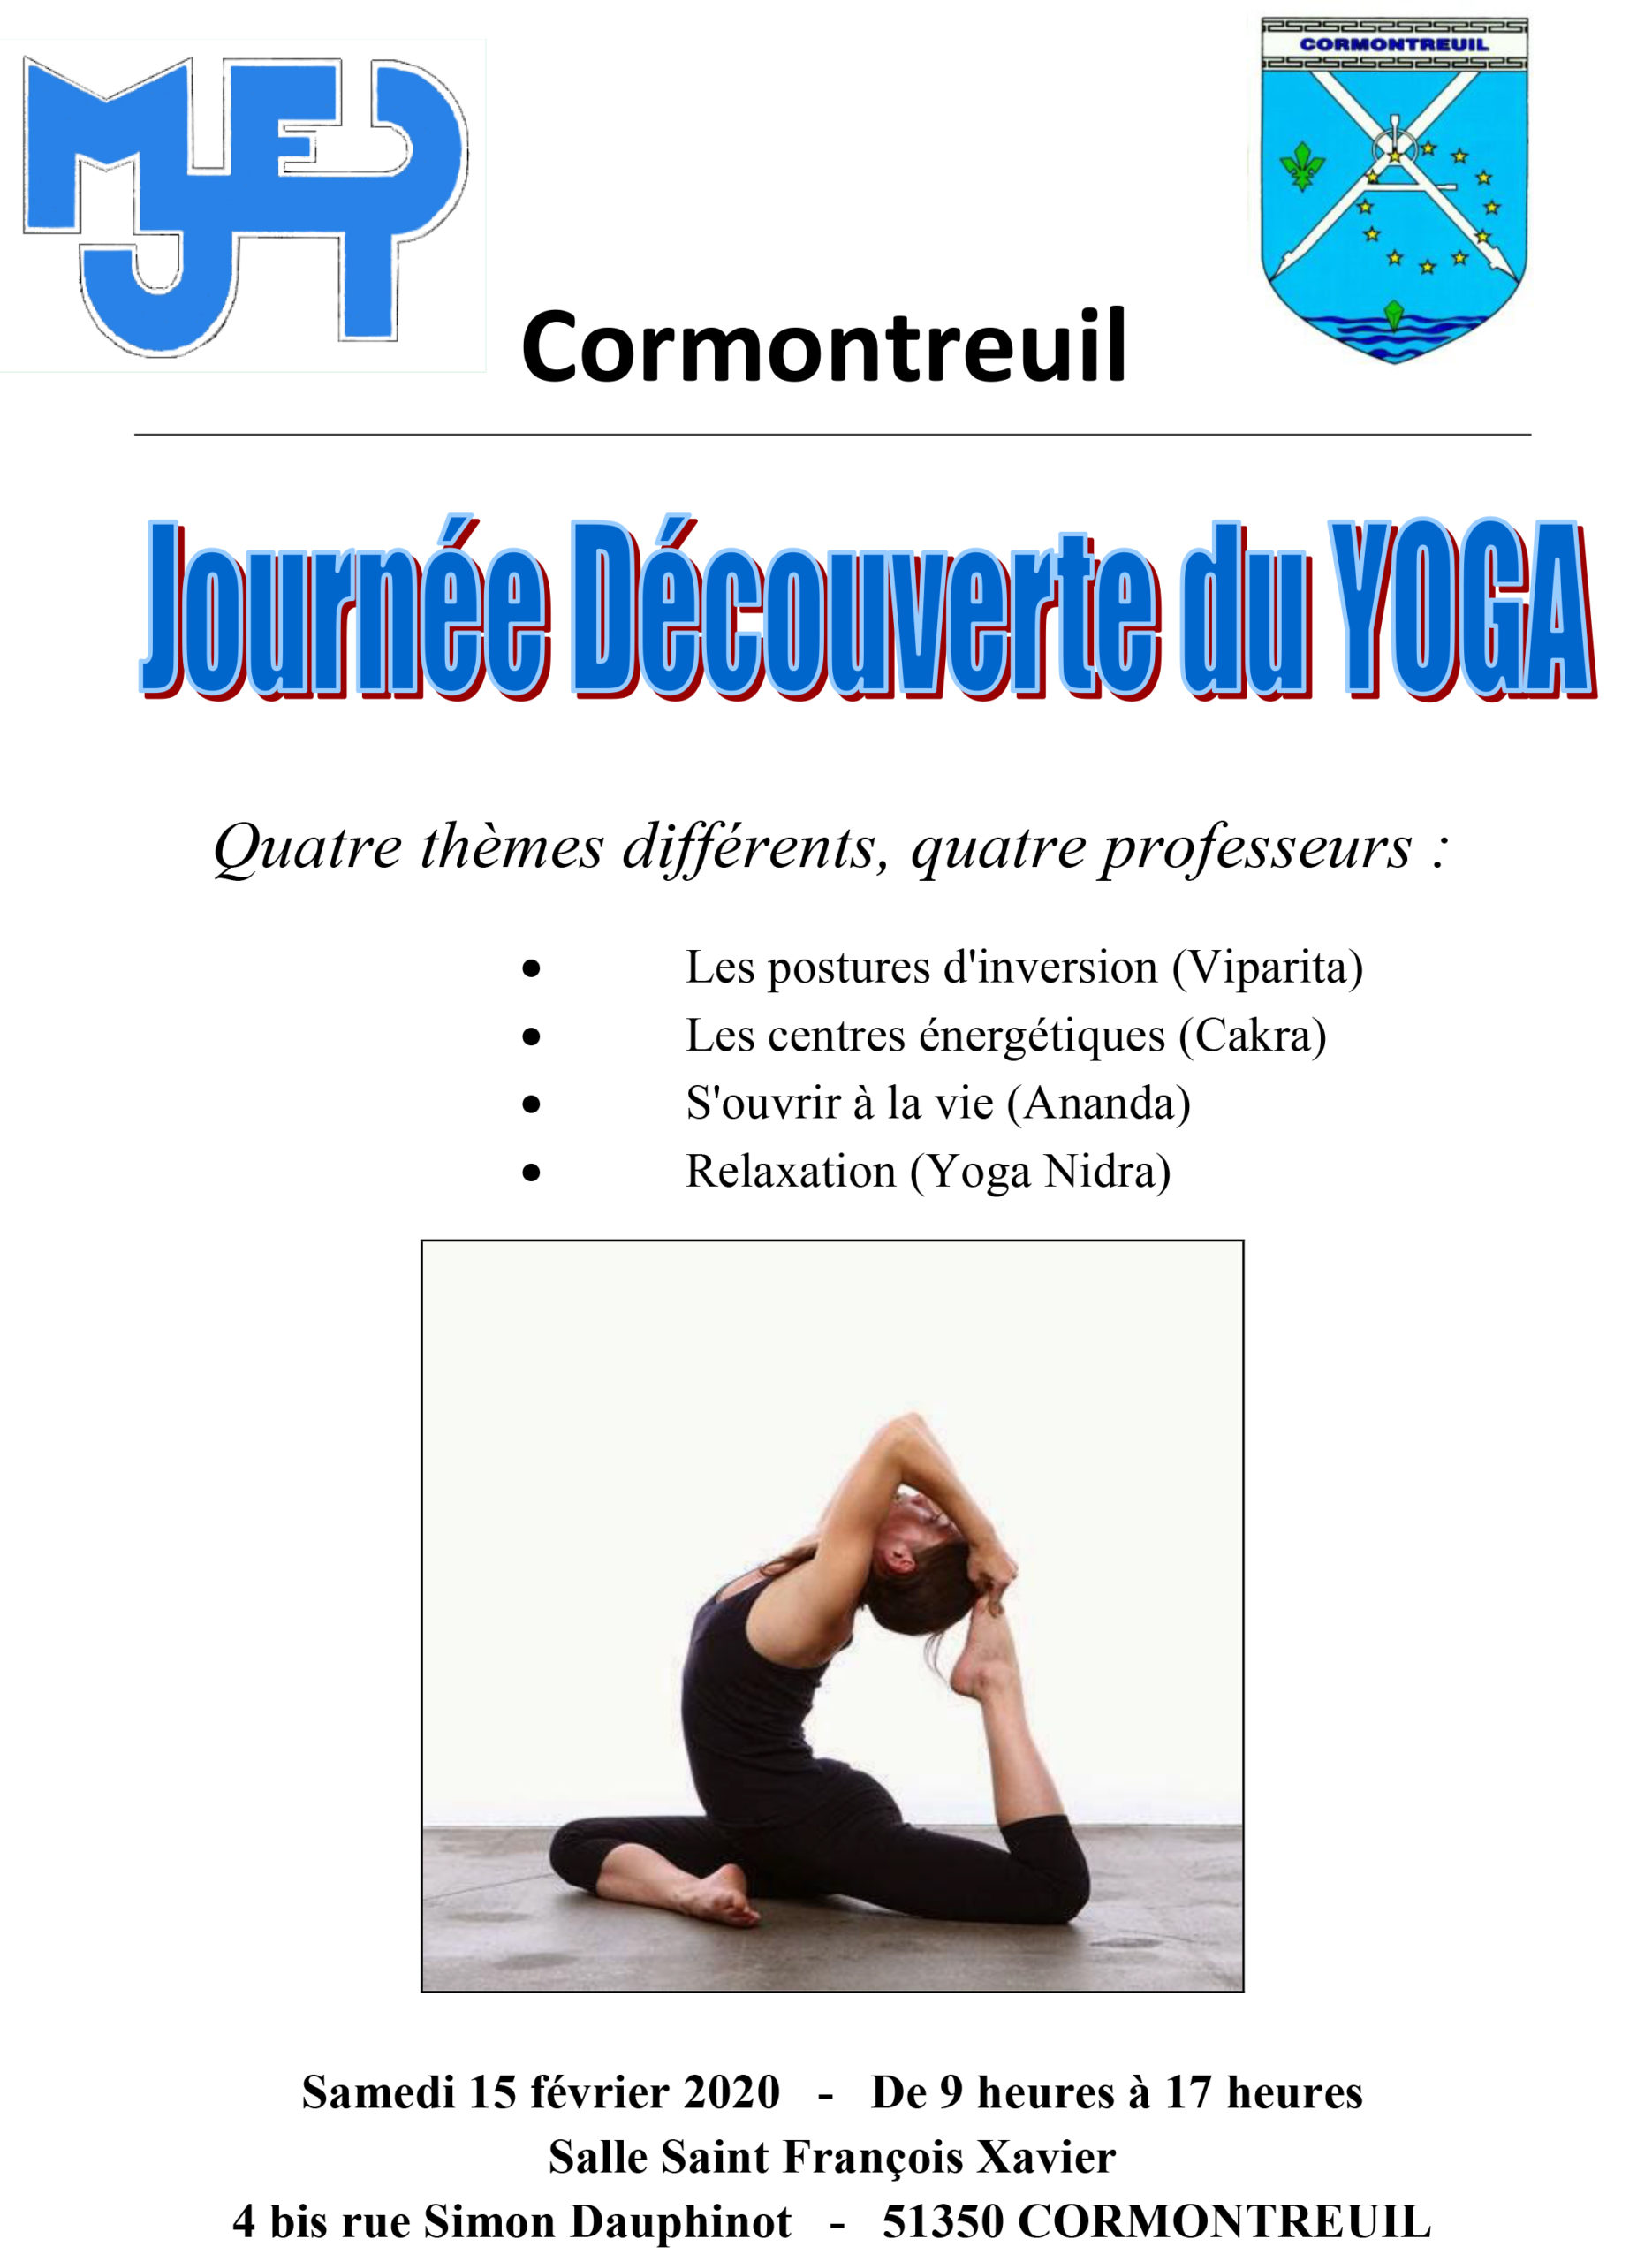 Cormontreuil affiche journée découverte yoga samedi 15 février 2020 de 9h à 17h